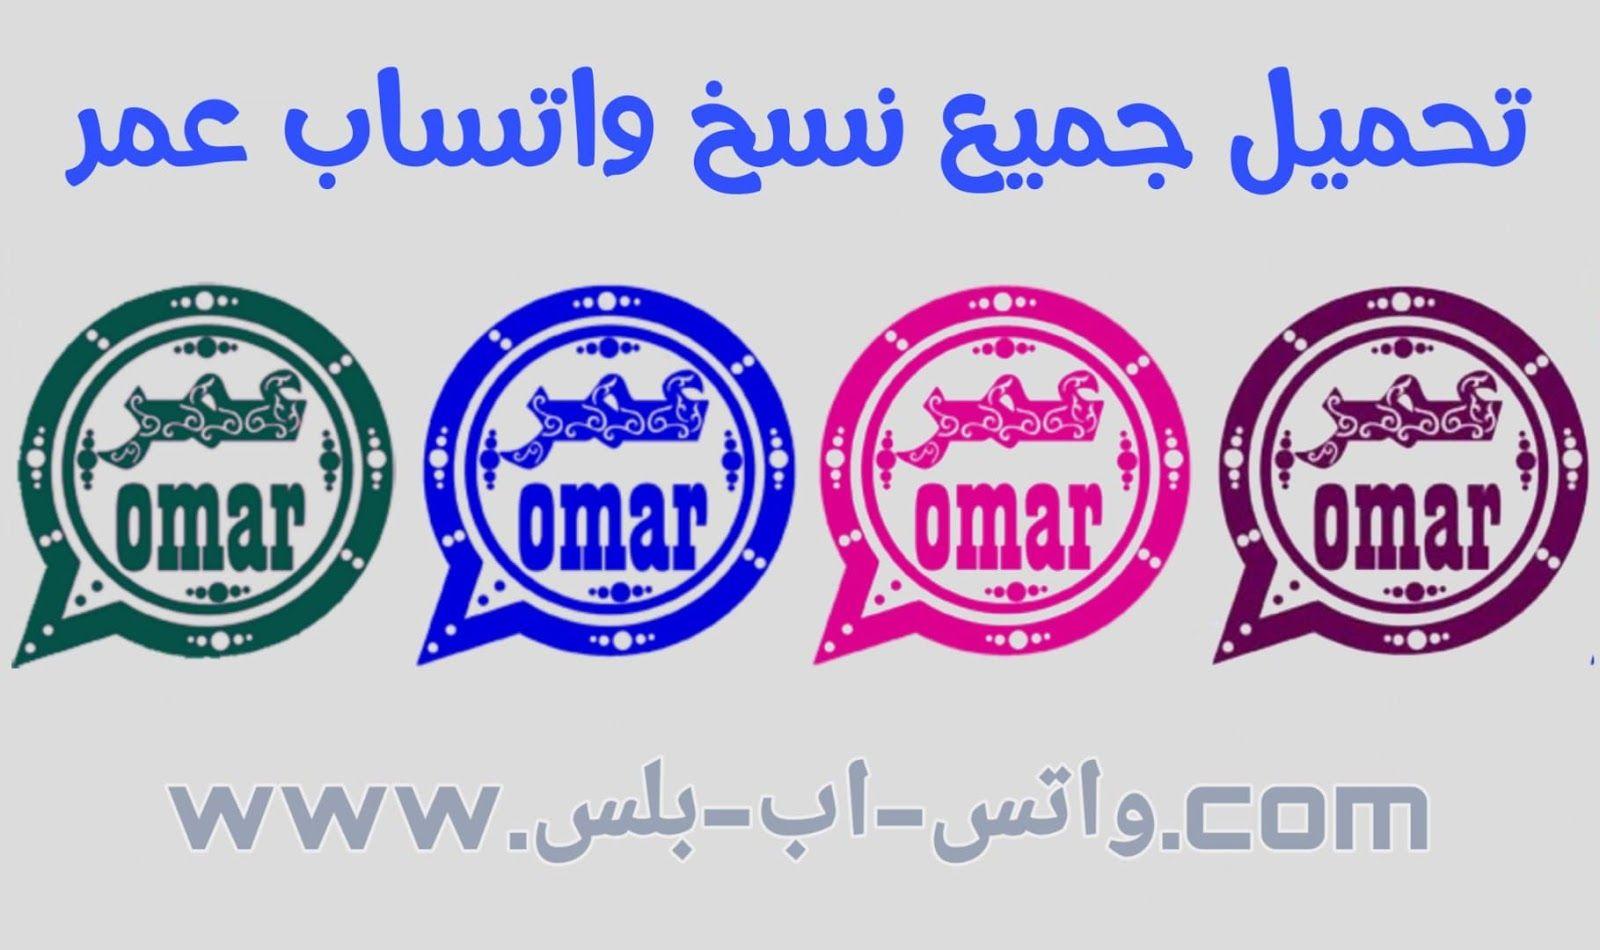 تحميل تحديث جميع نسخ واتس اب عمر العنابي الوردي الازرق الاخضر اخر إصدار ضد الحظر واتساب عمر Obwhatsapp اخر إصدار يعتبر واتساب عمر Omar Blog Posts